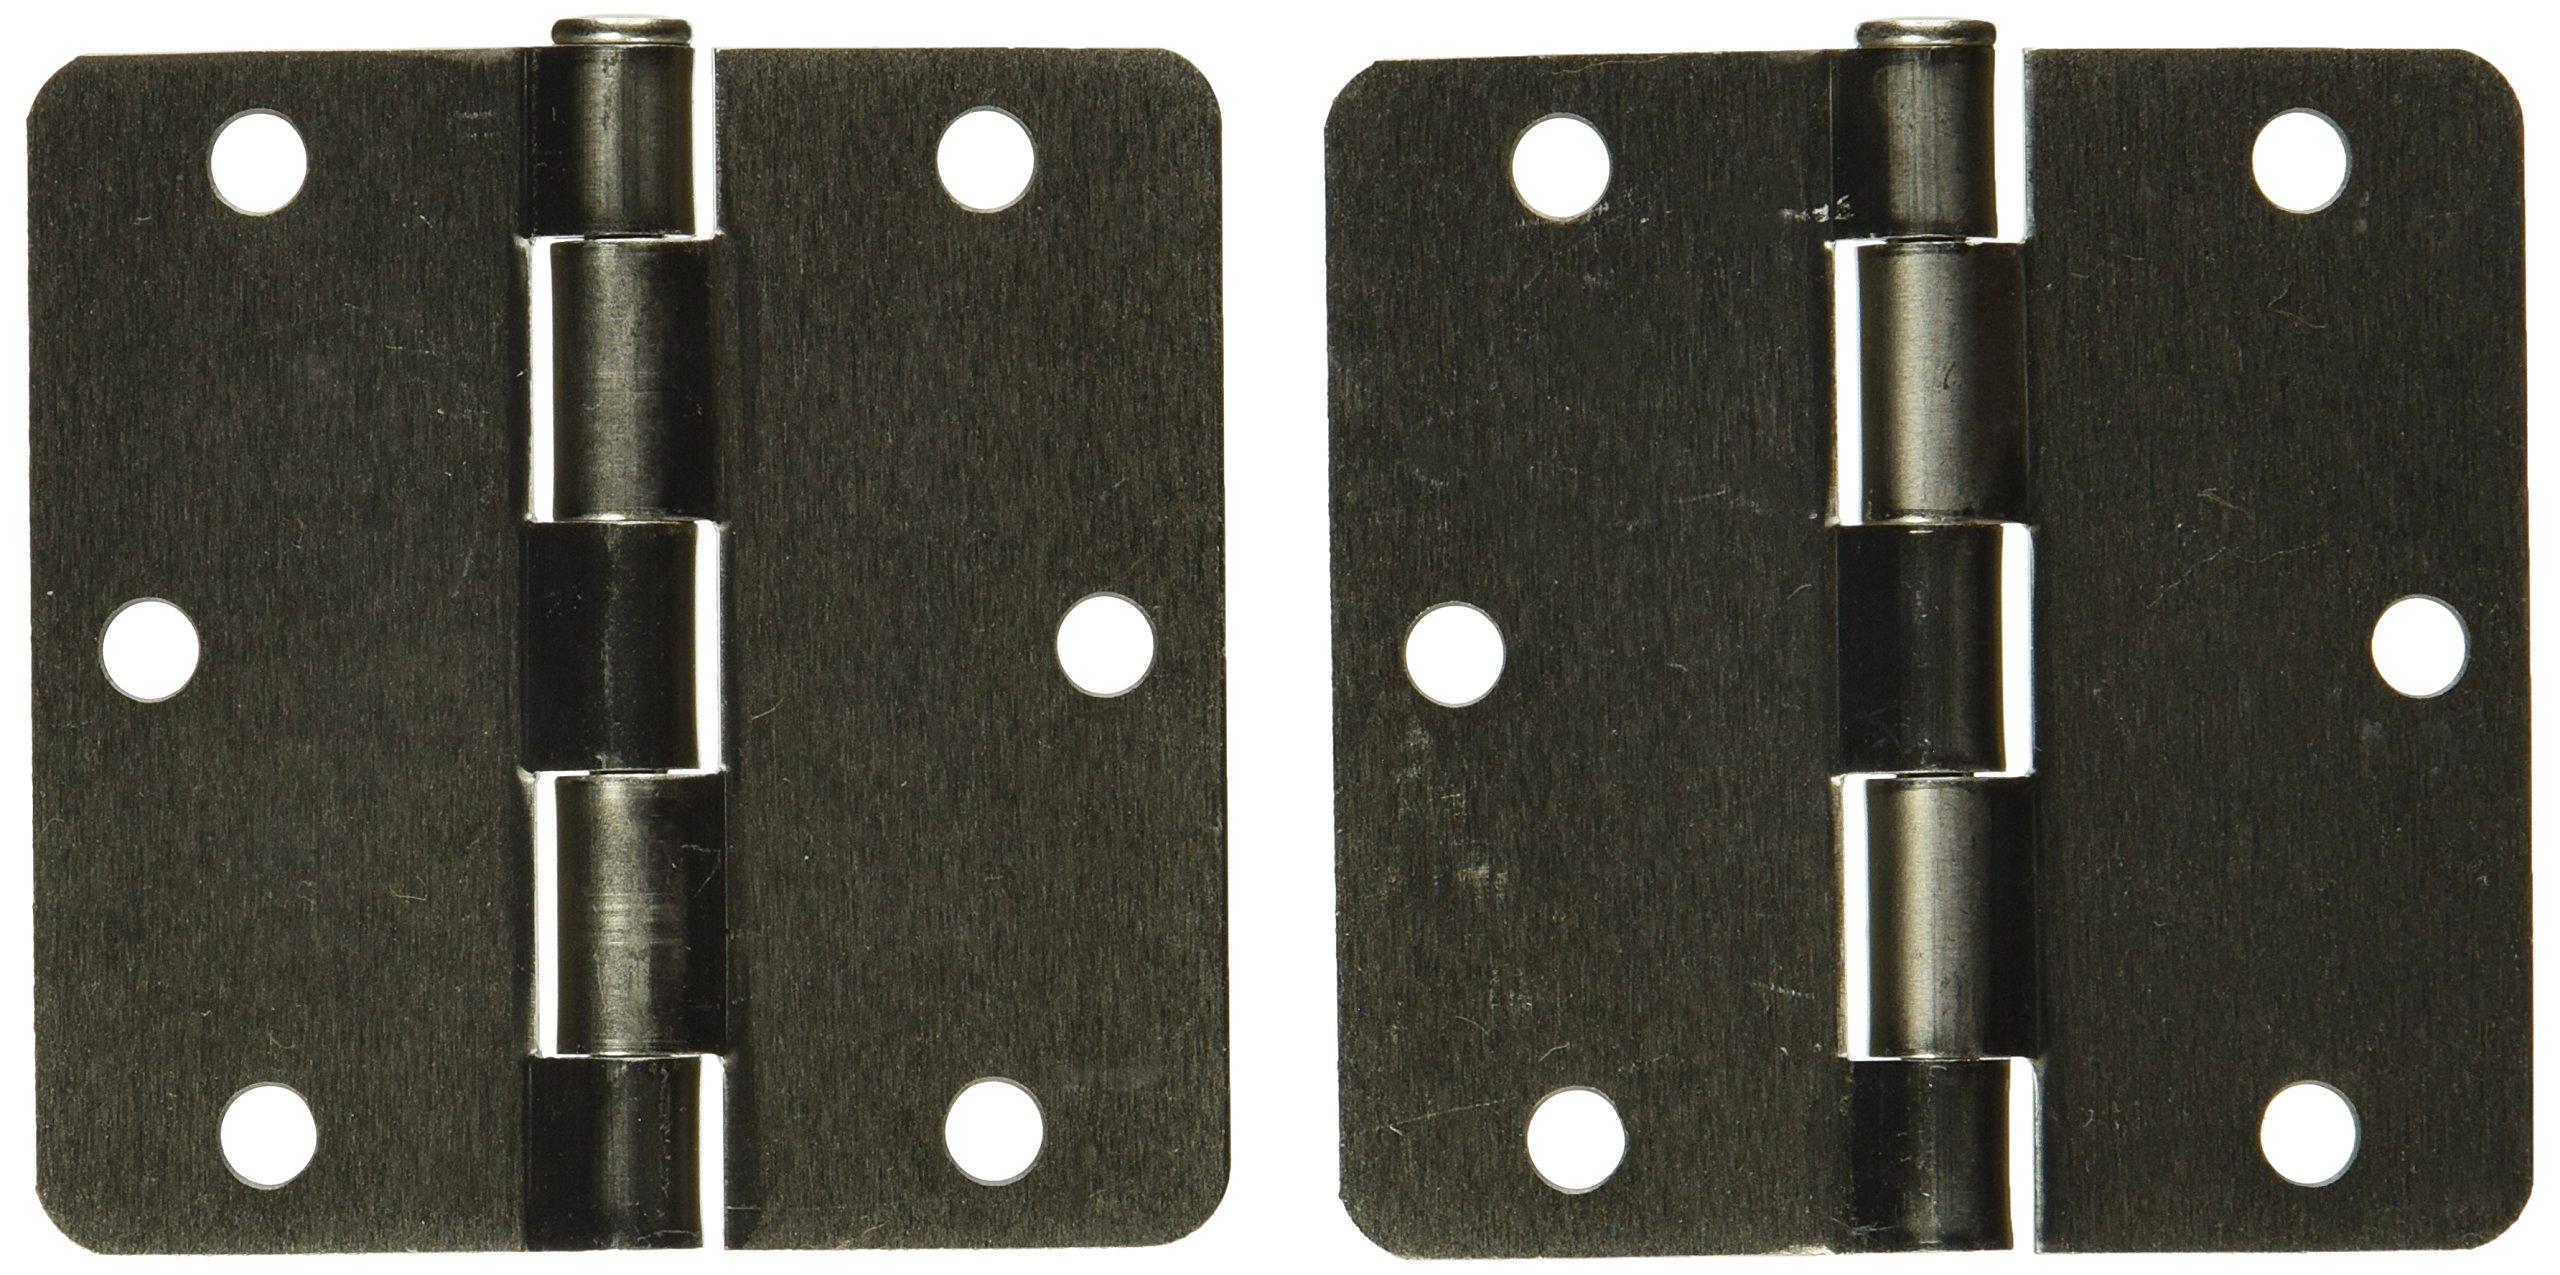 Stanley Hardware S808-204 V8030 Door Hinges in Satin Nickel, 2 pack